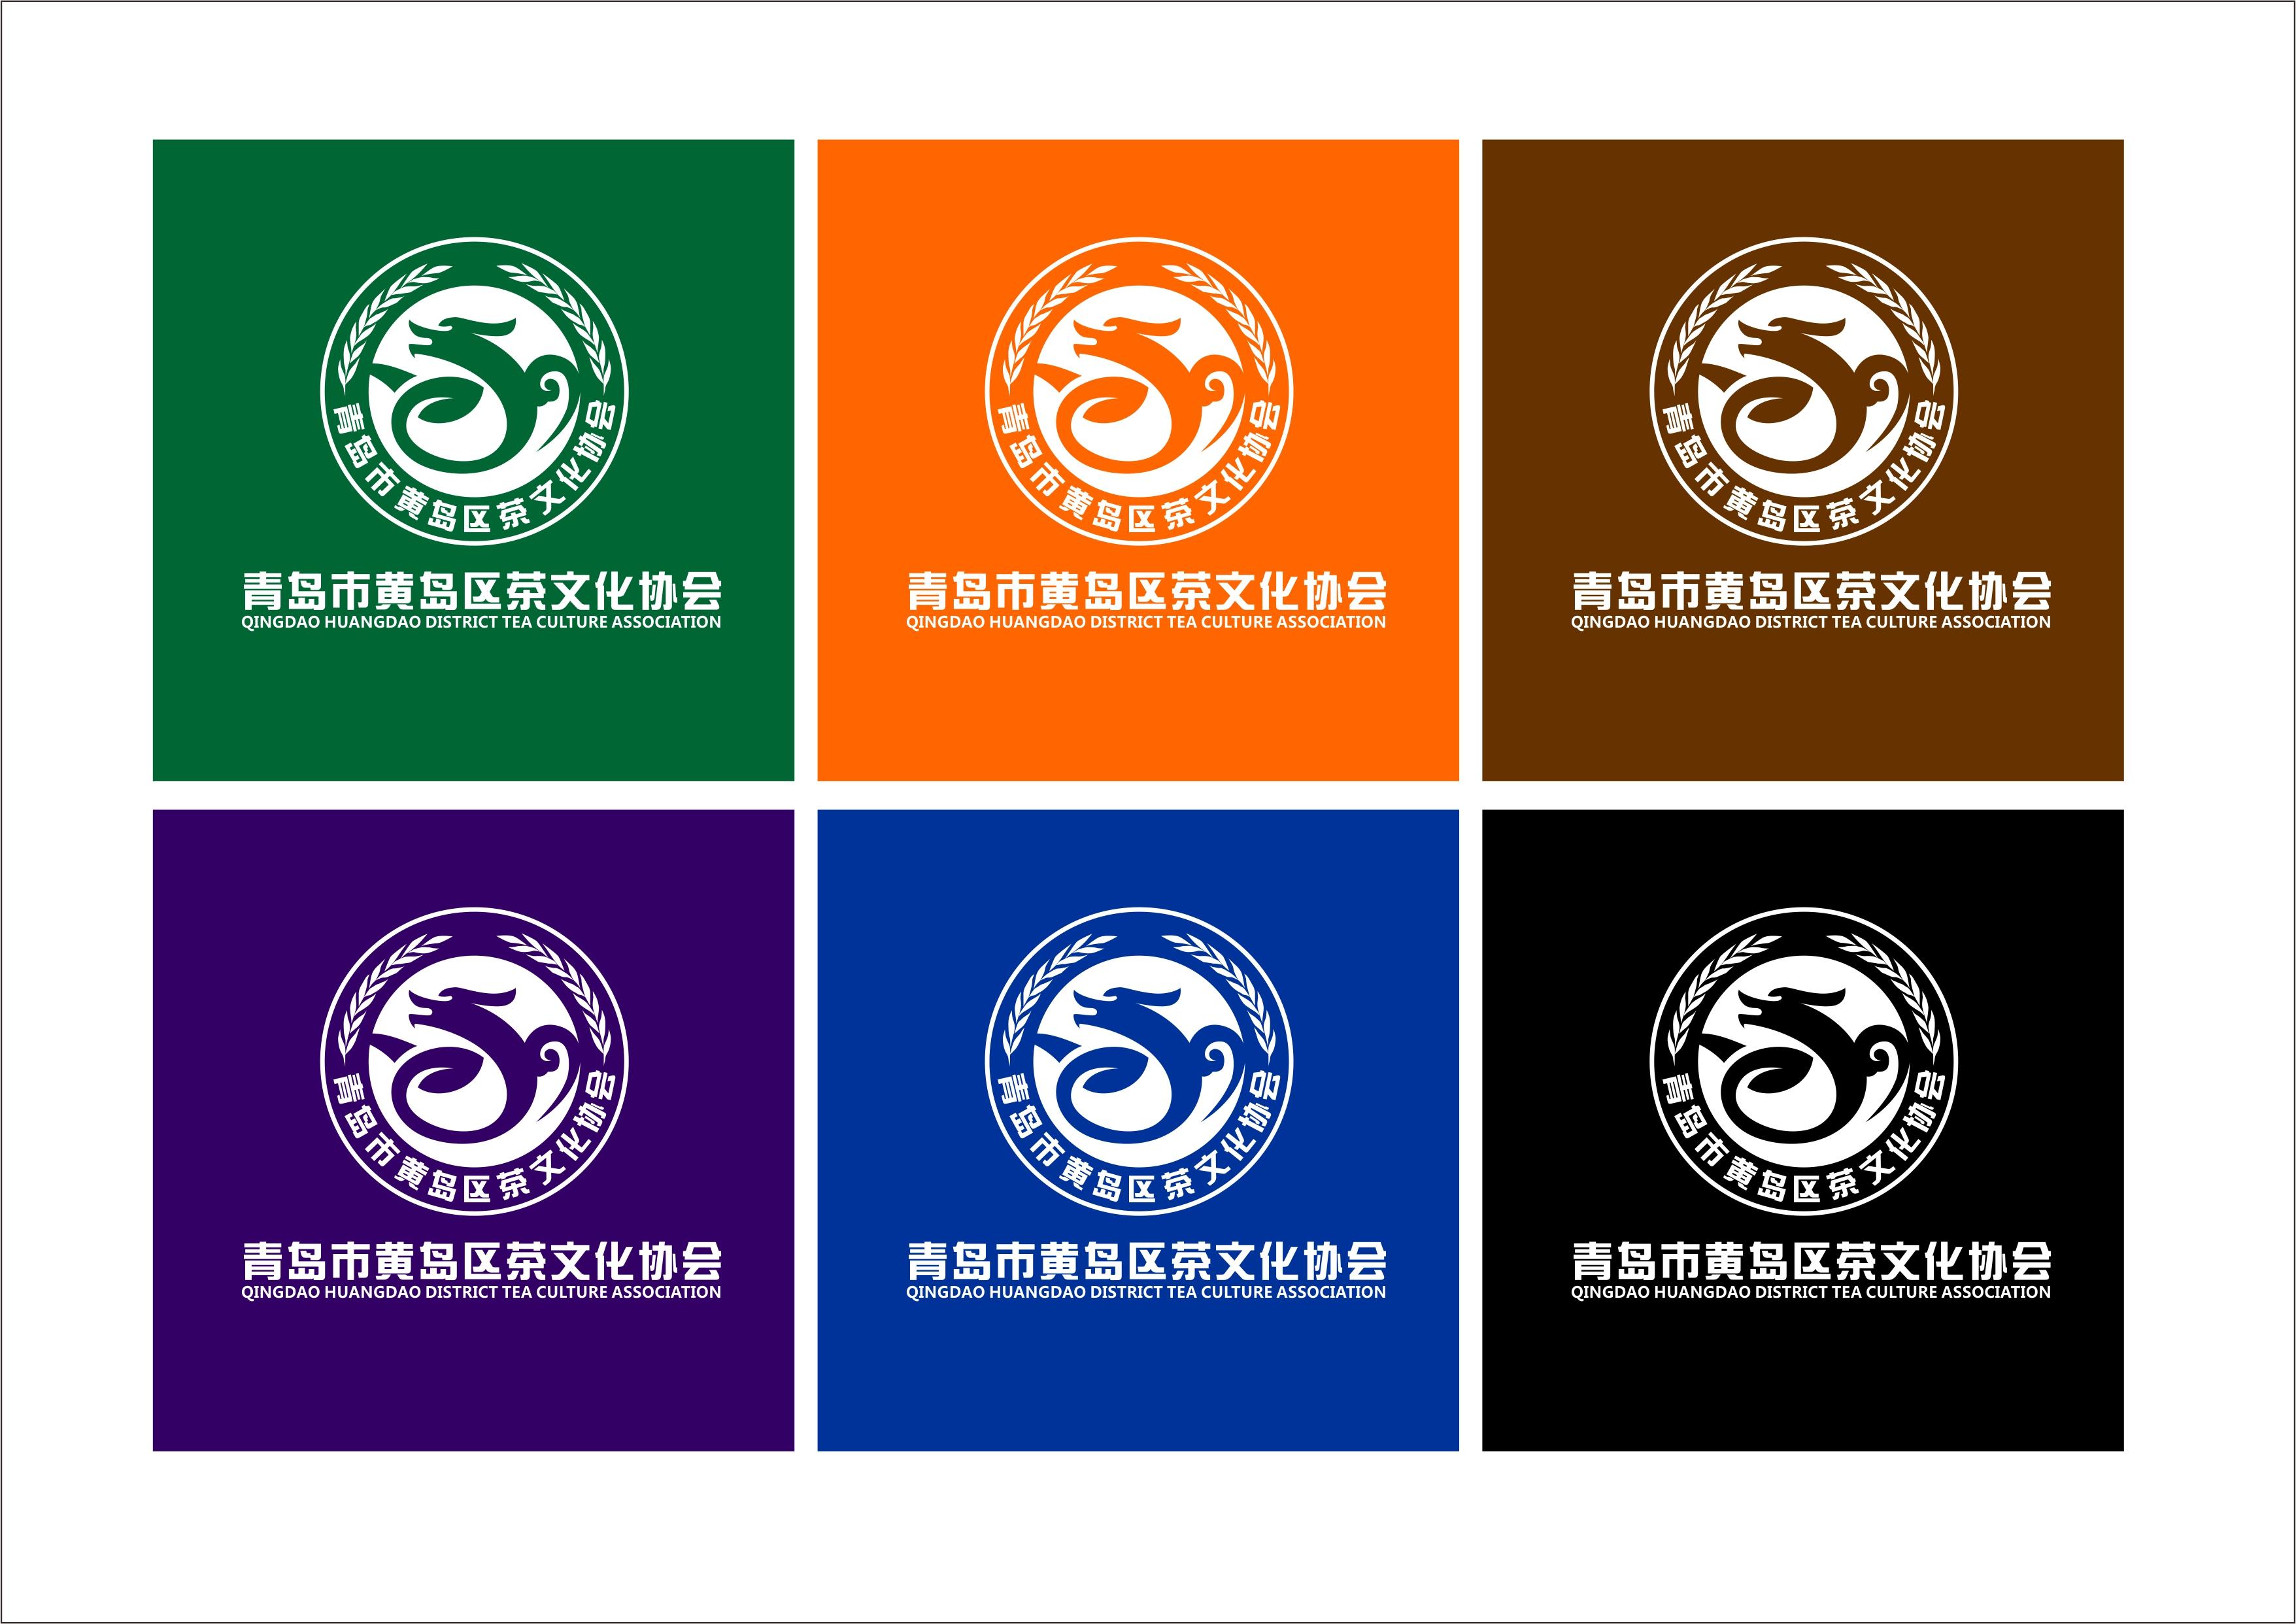 青岛市黄岛区茶文化协会logo